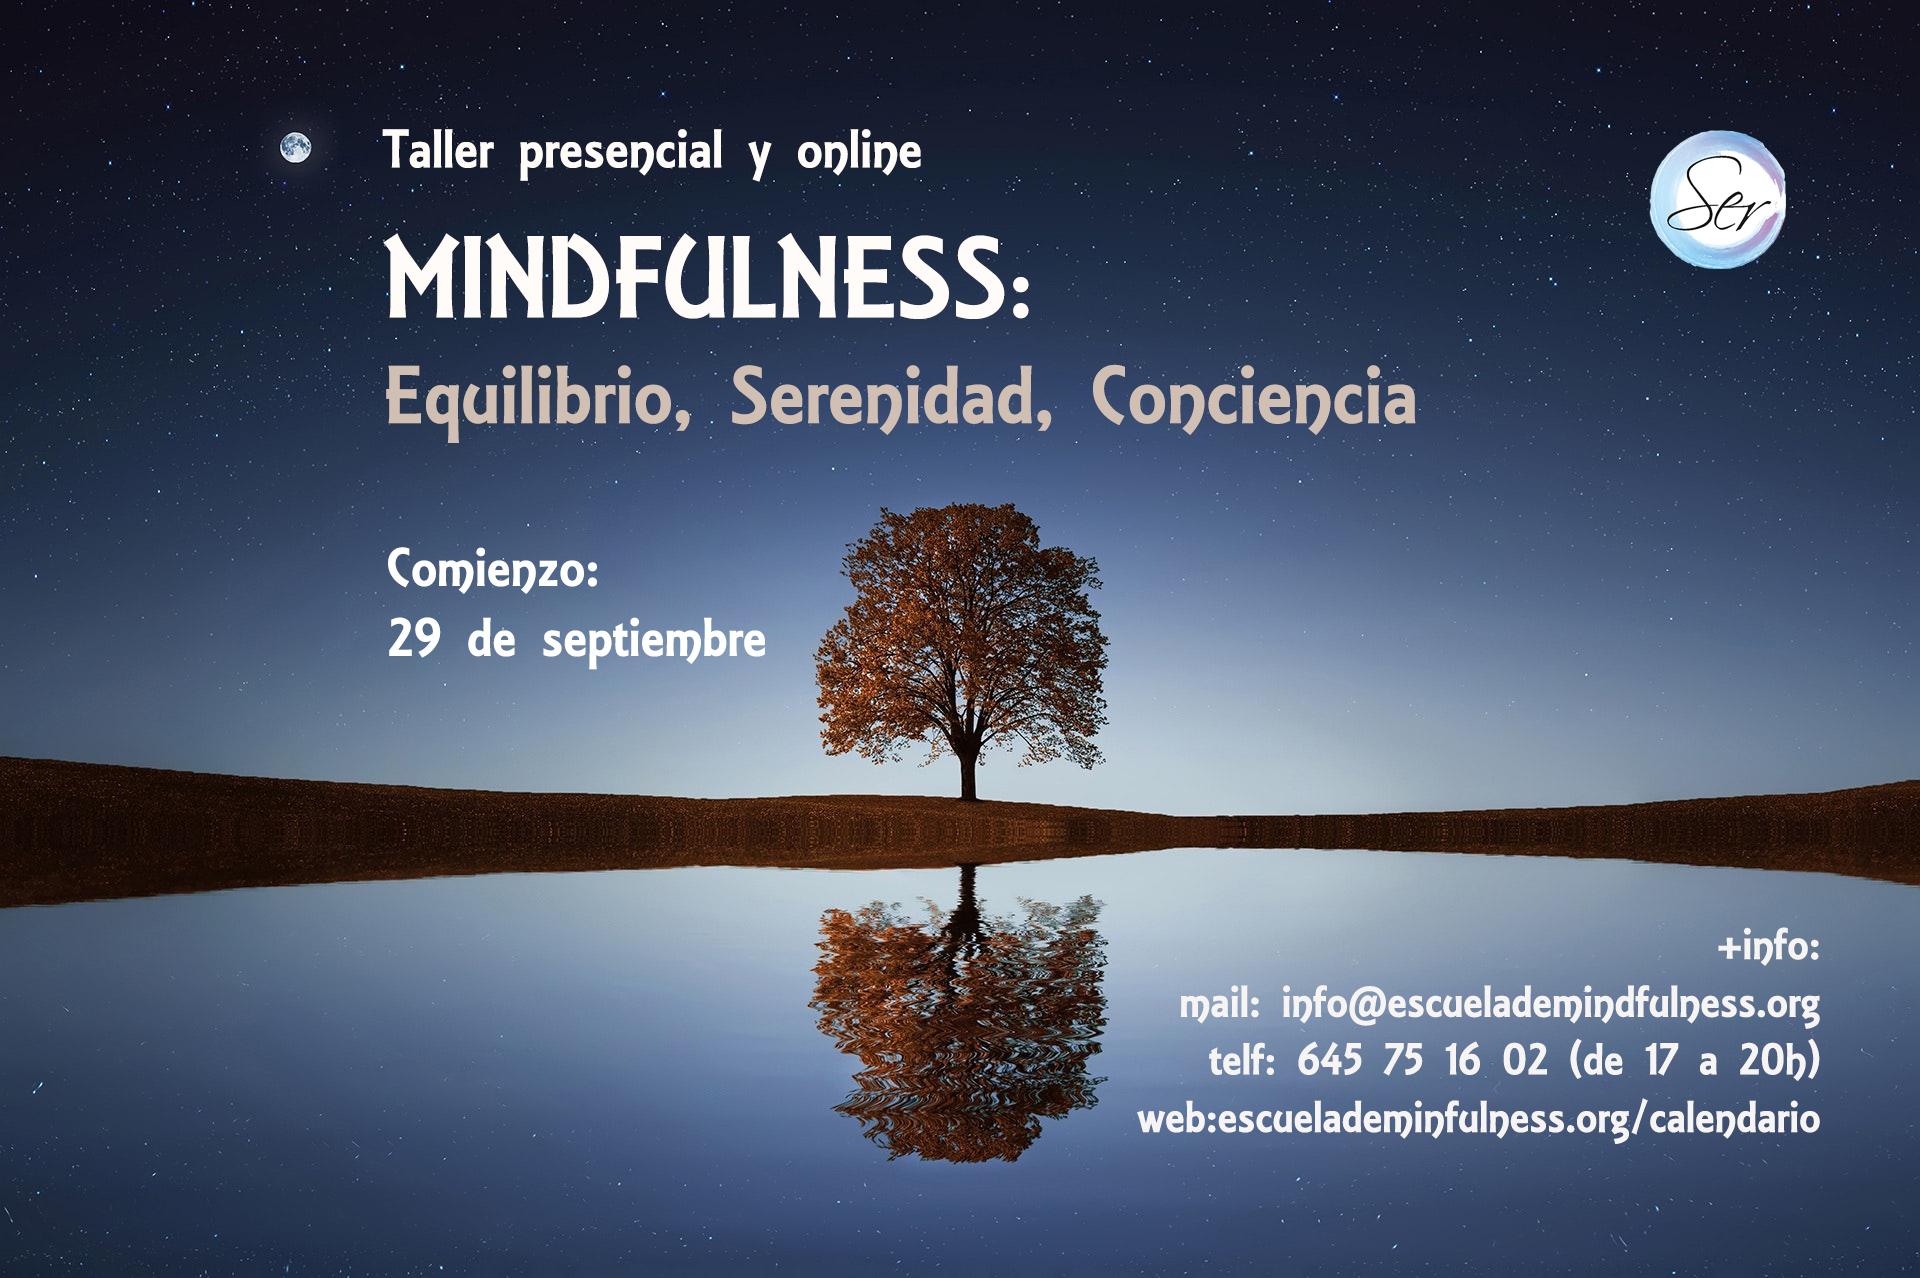 Taller presencial y online de Mindfulness, comienzo 29 de septiembre 2021